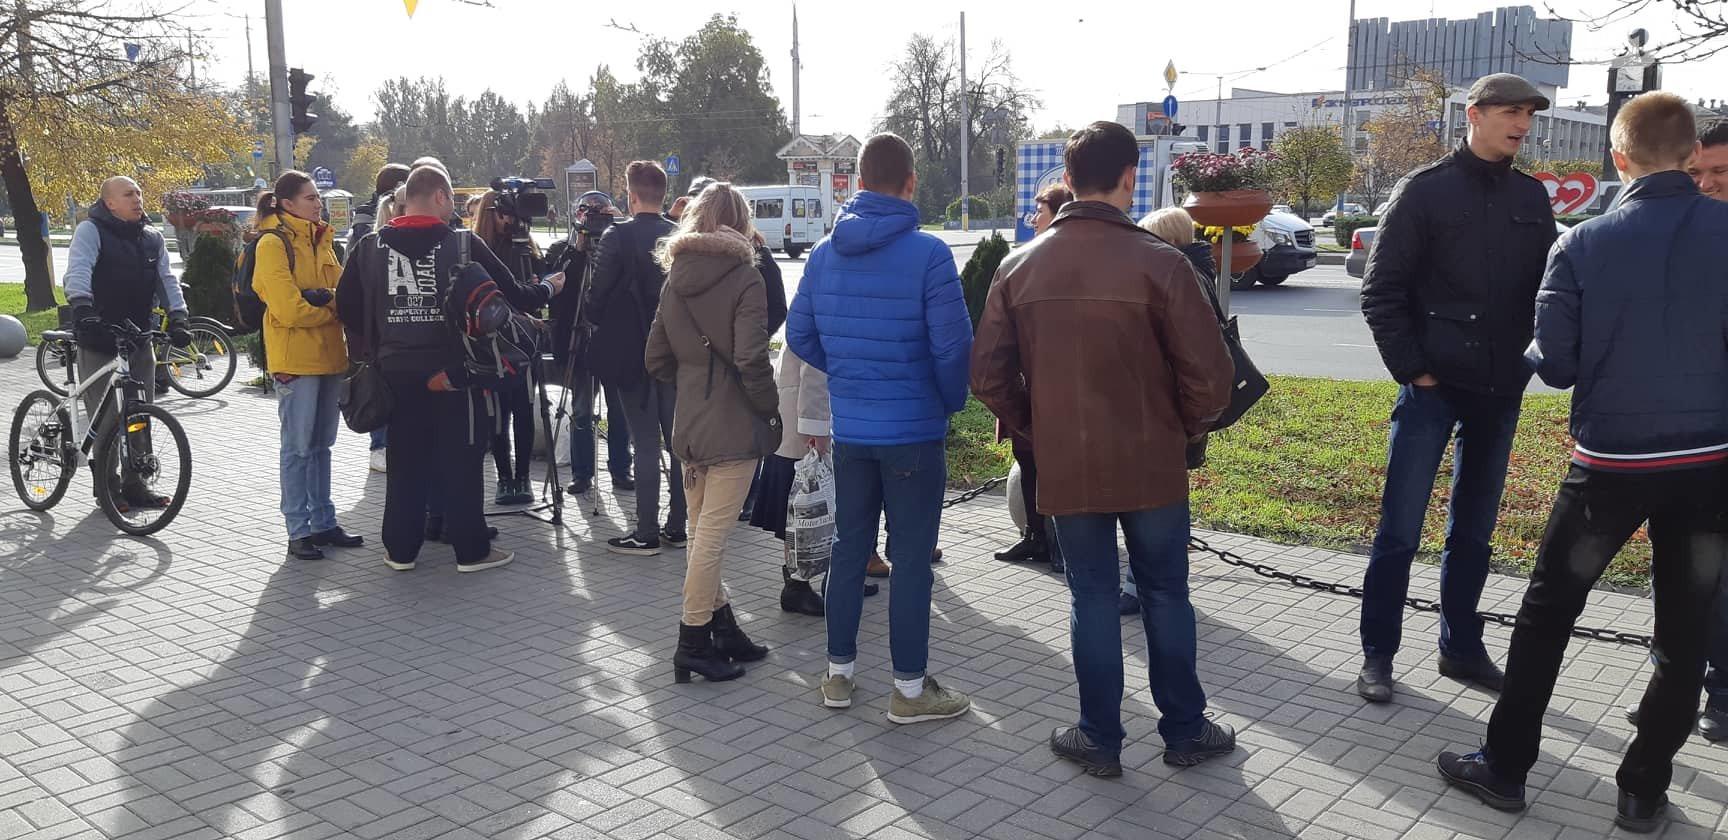 В Запорожье на митинг против повышения стоимости проезда в общественном транспорте пришли около 20 человек - ФОТО